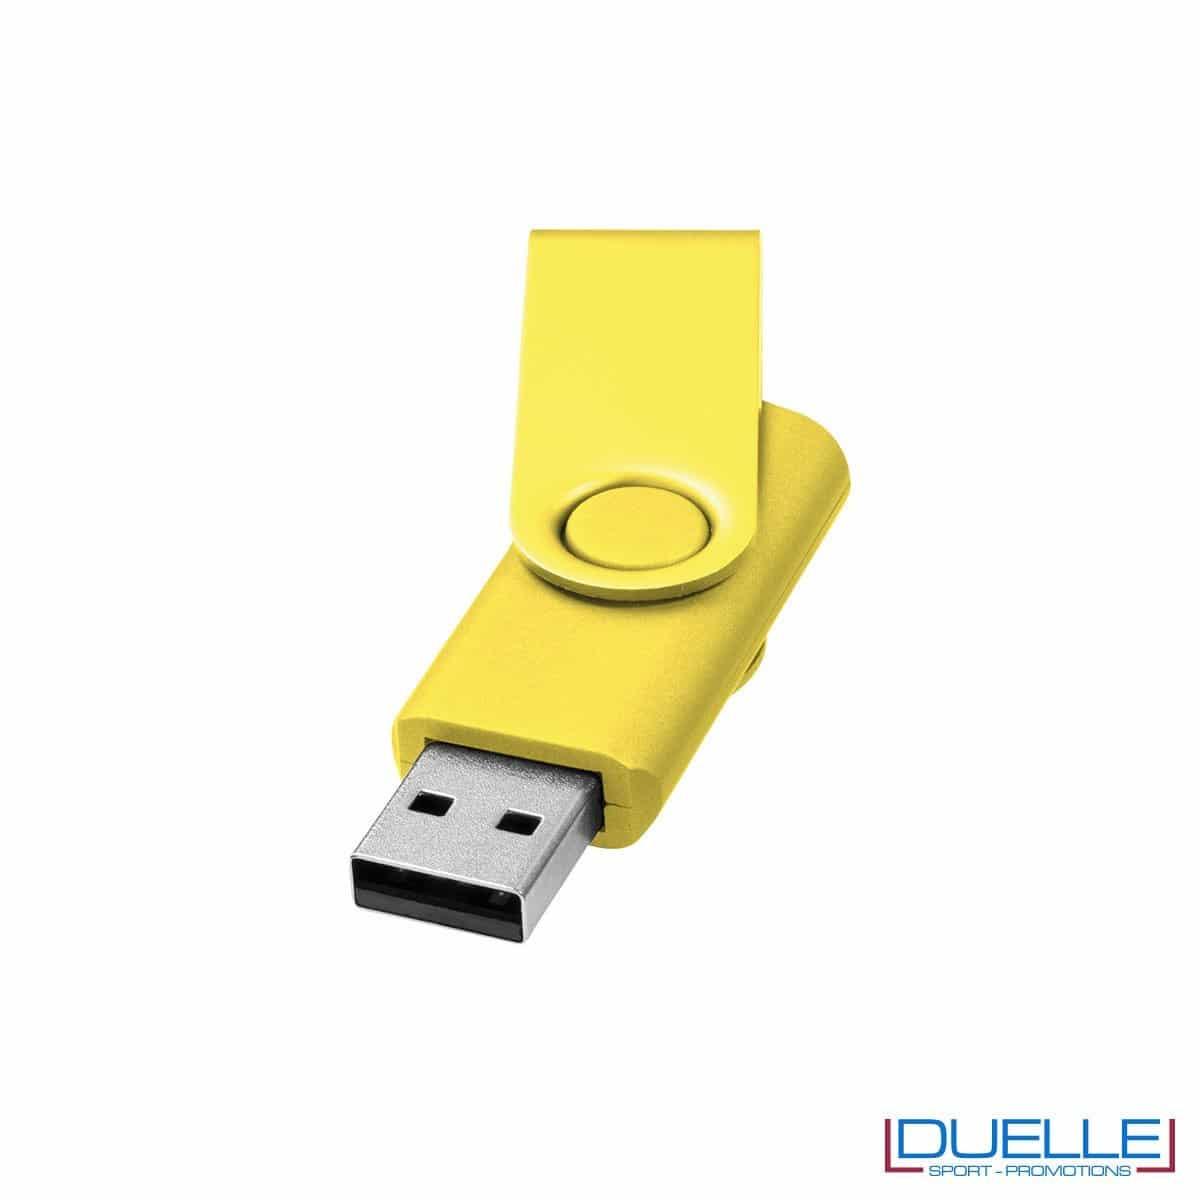 chiavetta USB personalizzata in colore giallo con scocca in alluminio anodizzato, memoria USB personalizzata